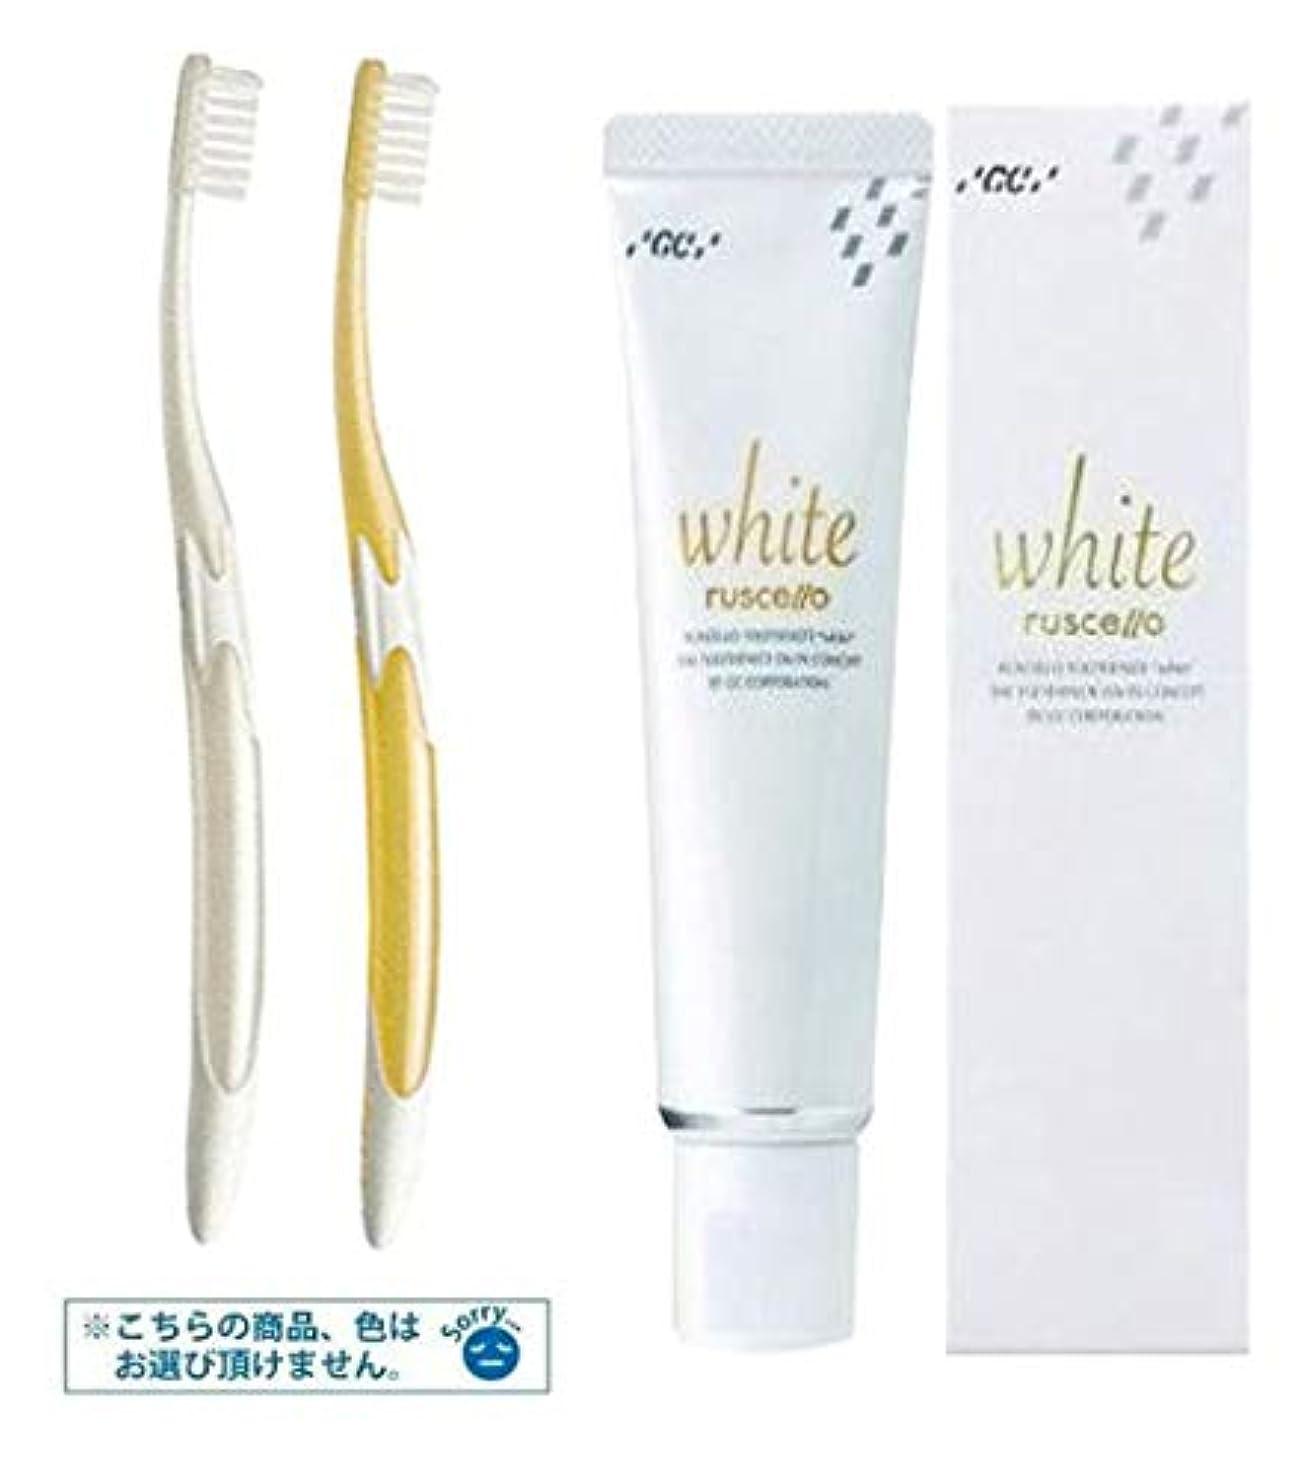 オフ出血問い合わせGC(ジーシー) ルシェロ 歯みがきペースト ホワイト 100g 1個 + ルシェロ W-10 歯ブラシ 2本